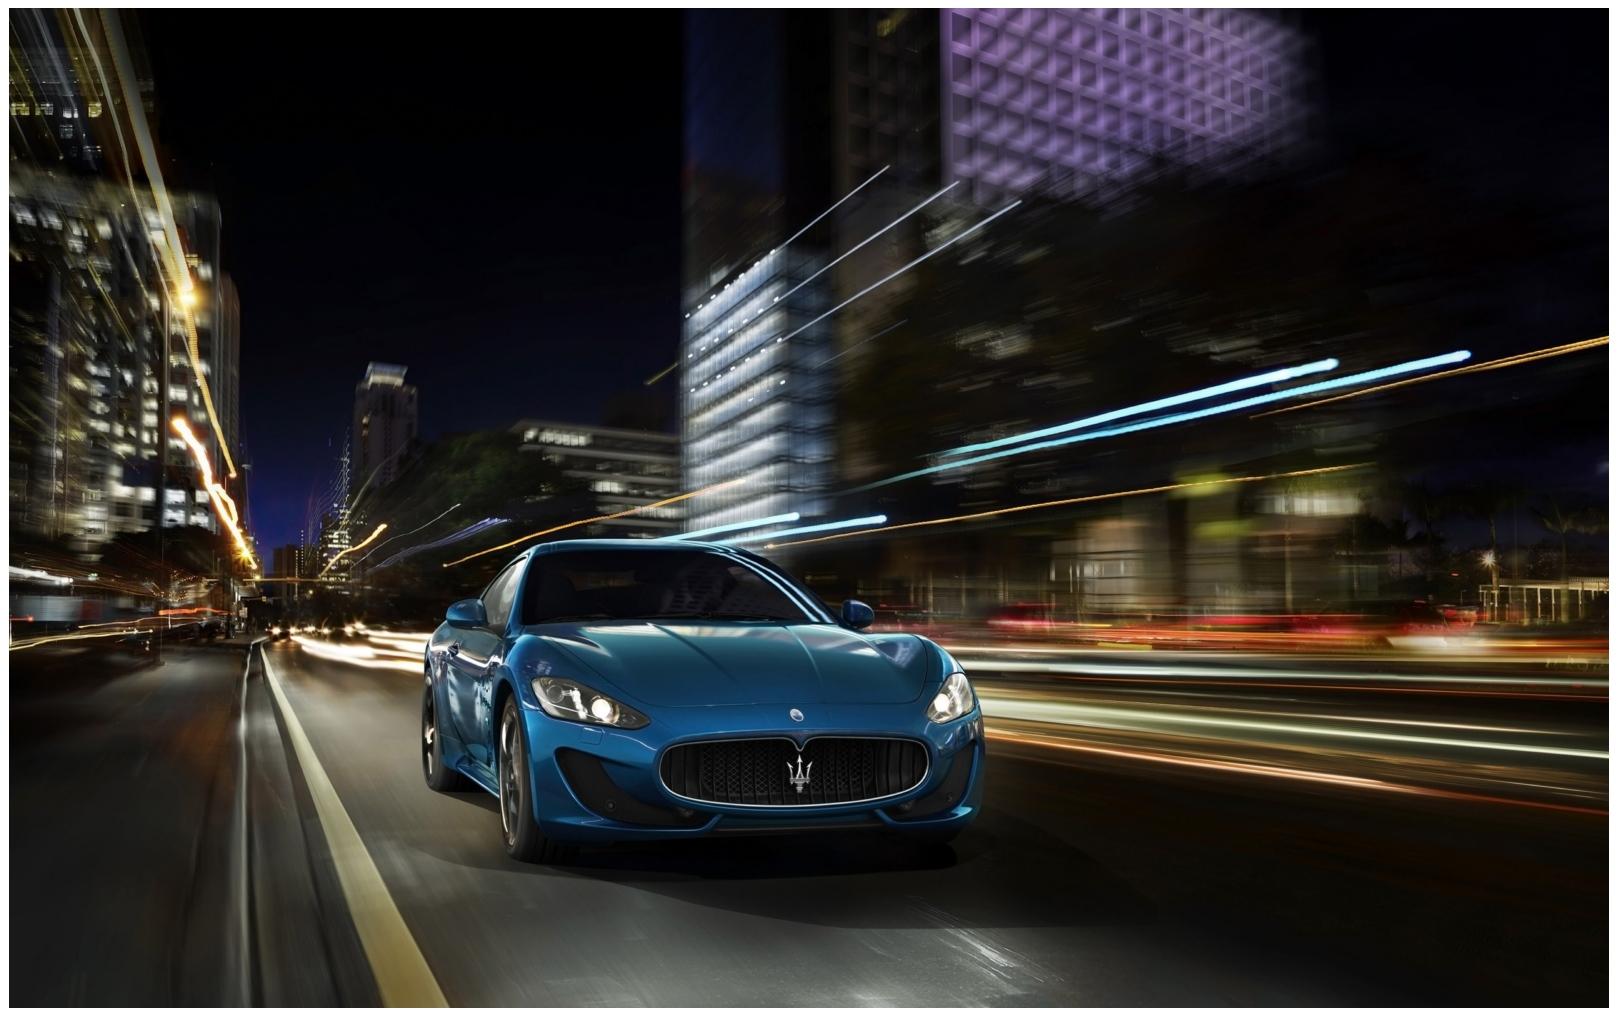 Tesla Logo Wallpaper For Car New Maserati Granturismo Hd Car Wallpaper Hd Walls